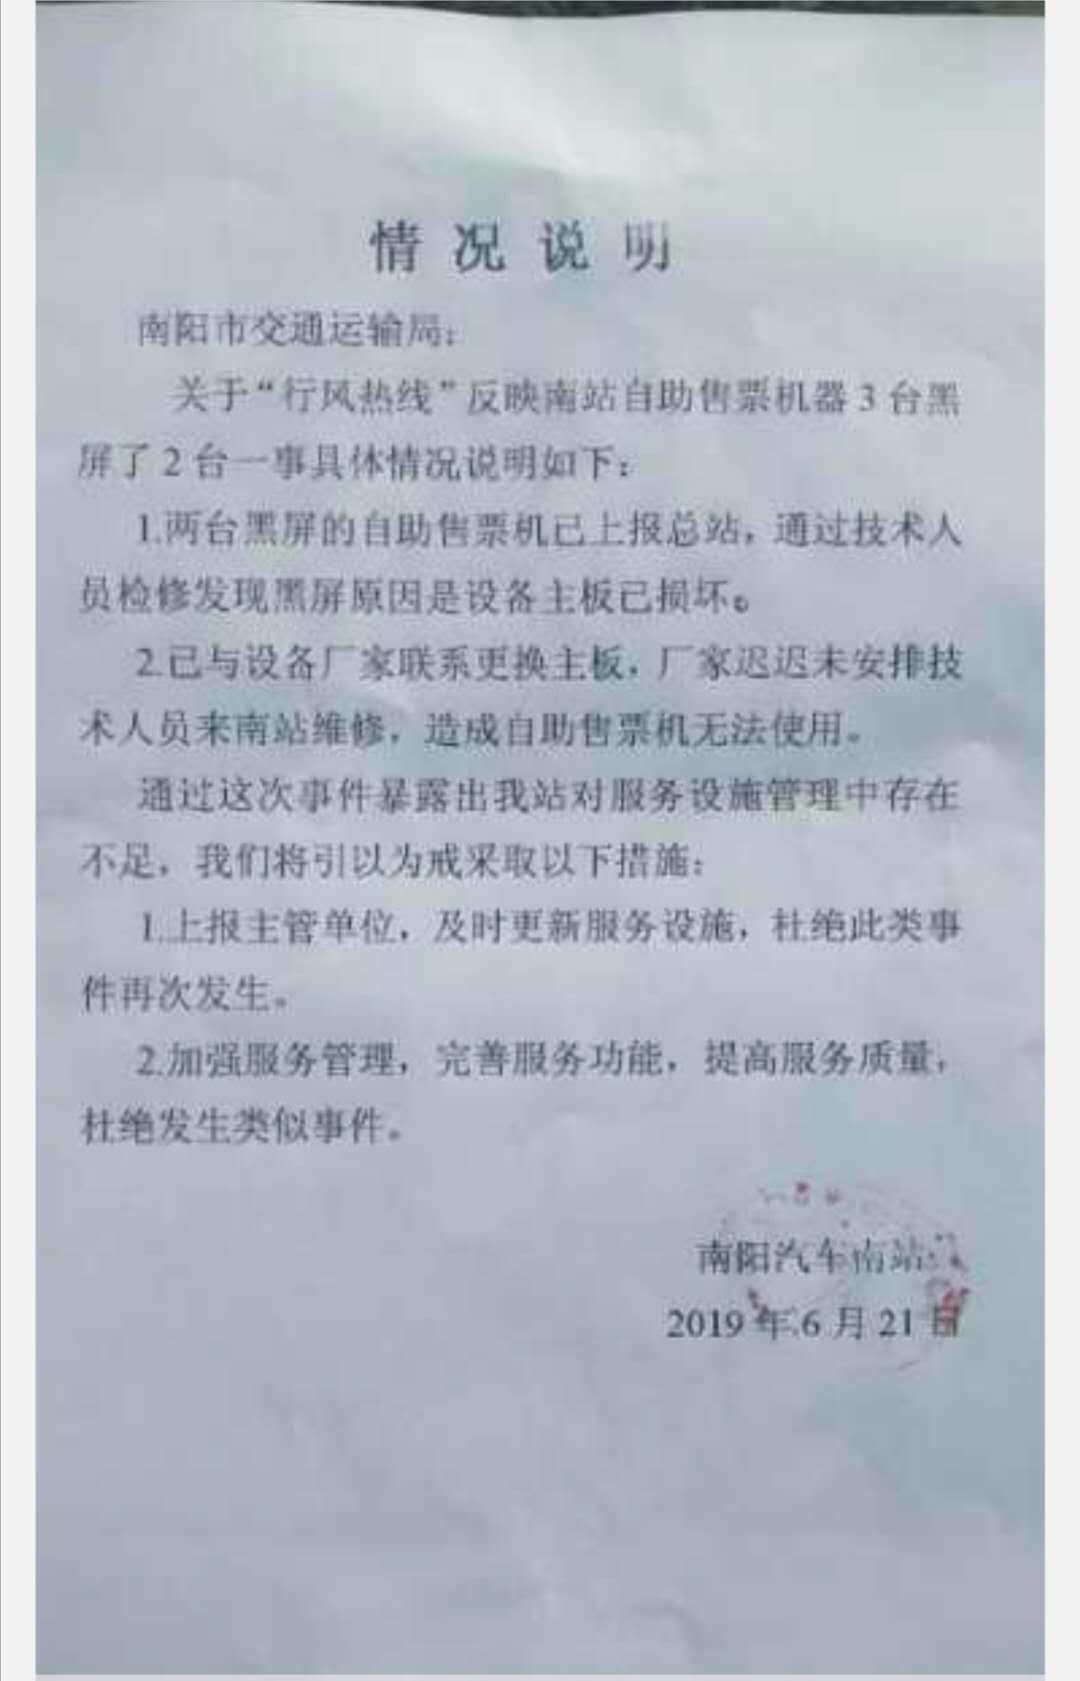 http://www.xboyxl.tw/shehui/245420.html